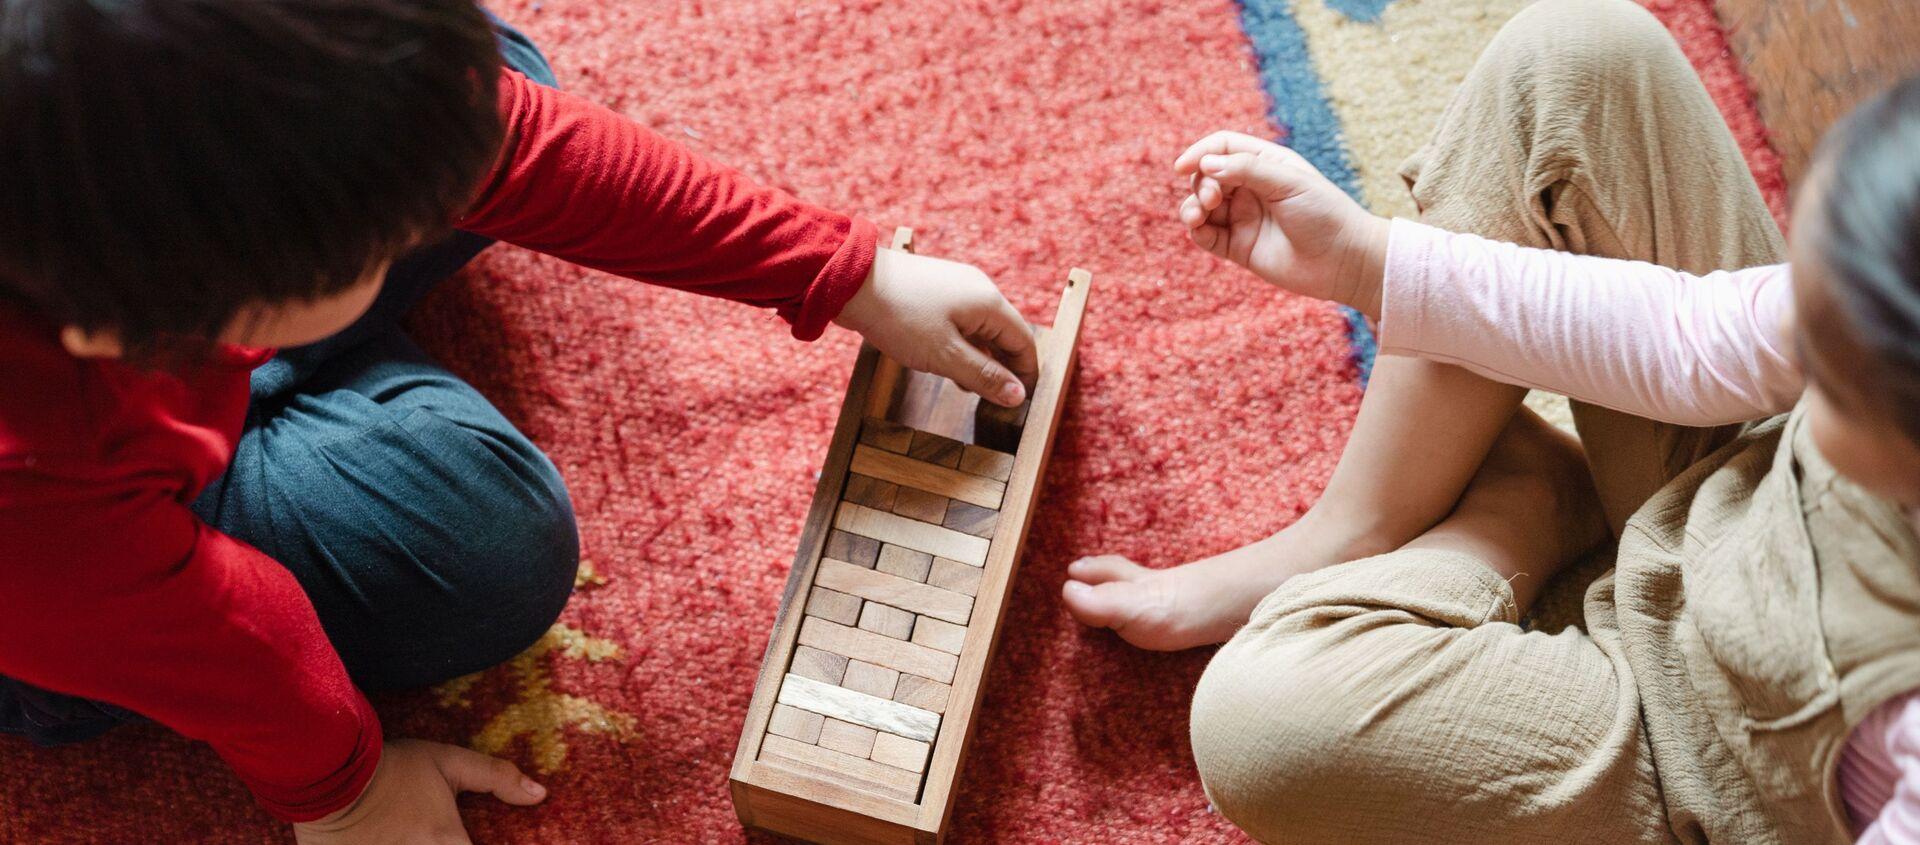 Дети играют на полу  - Sputnik Аҧсны, 1920, 24.01.2021